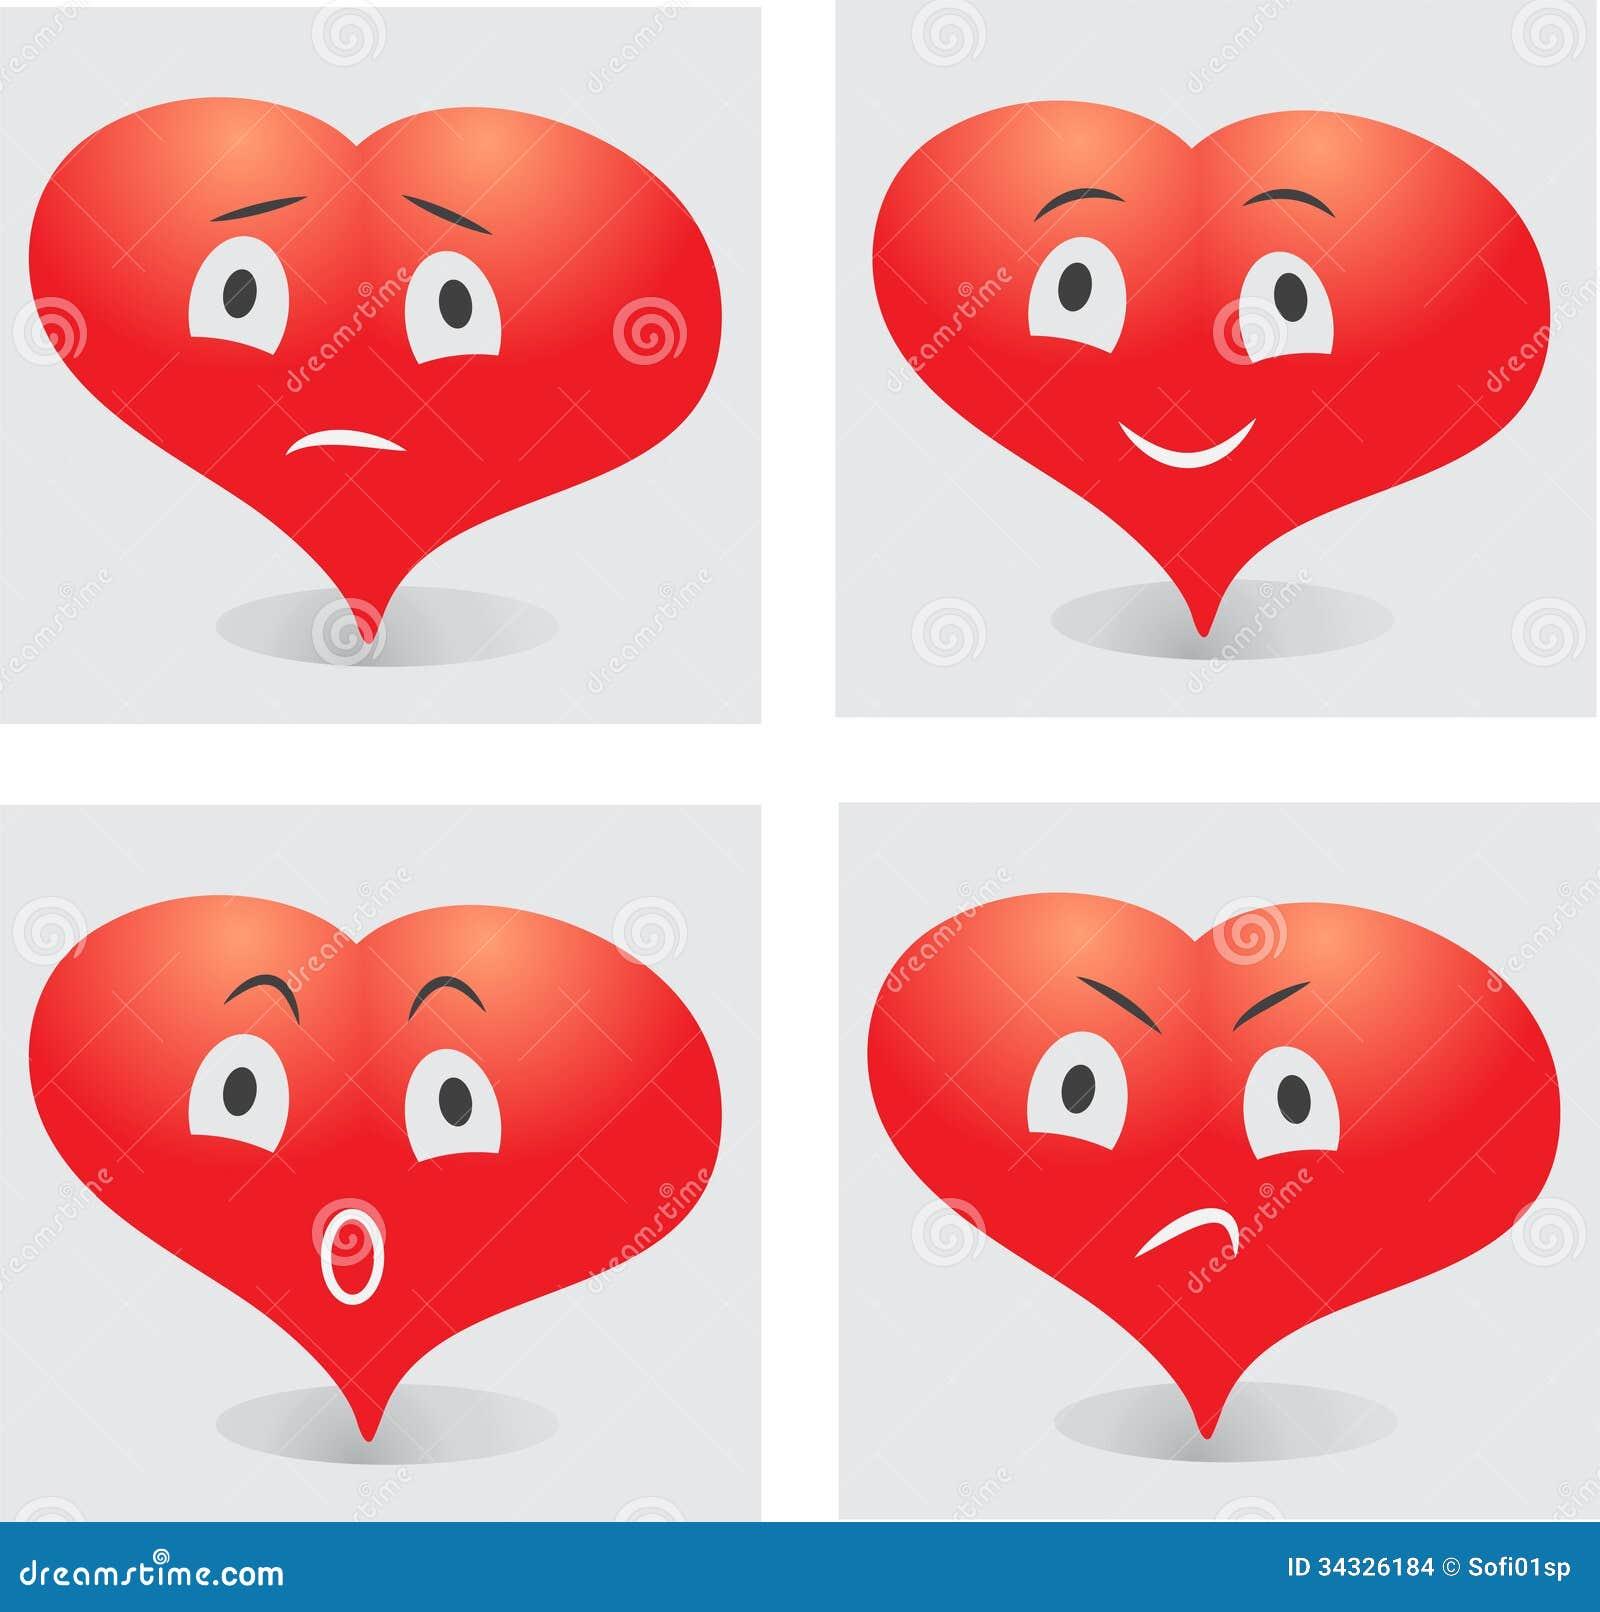 сердце смайлик: